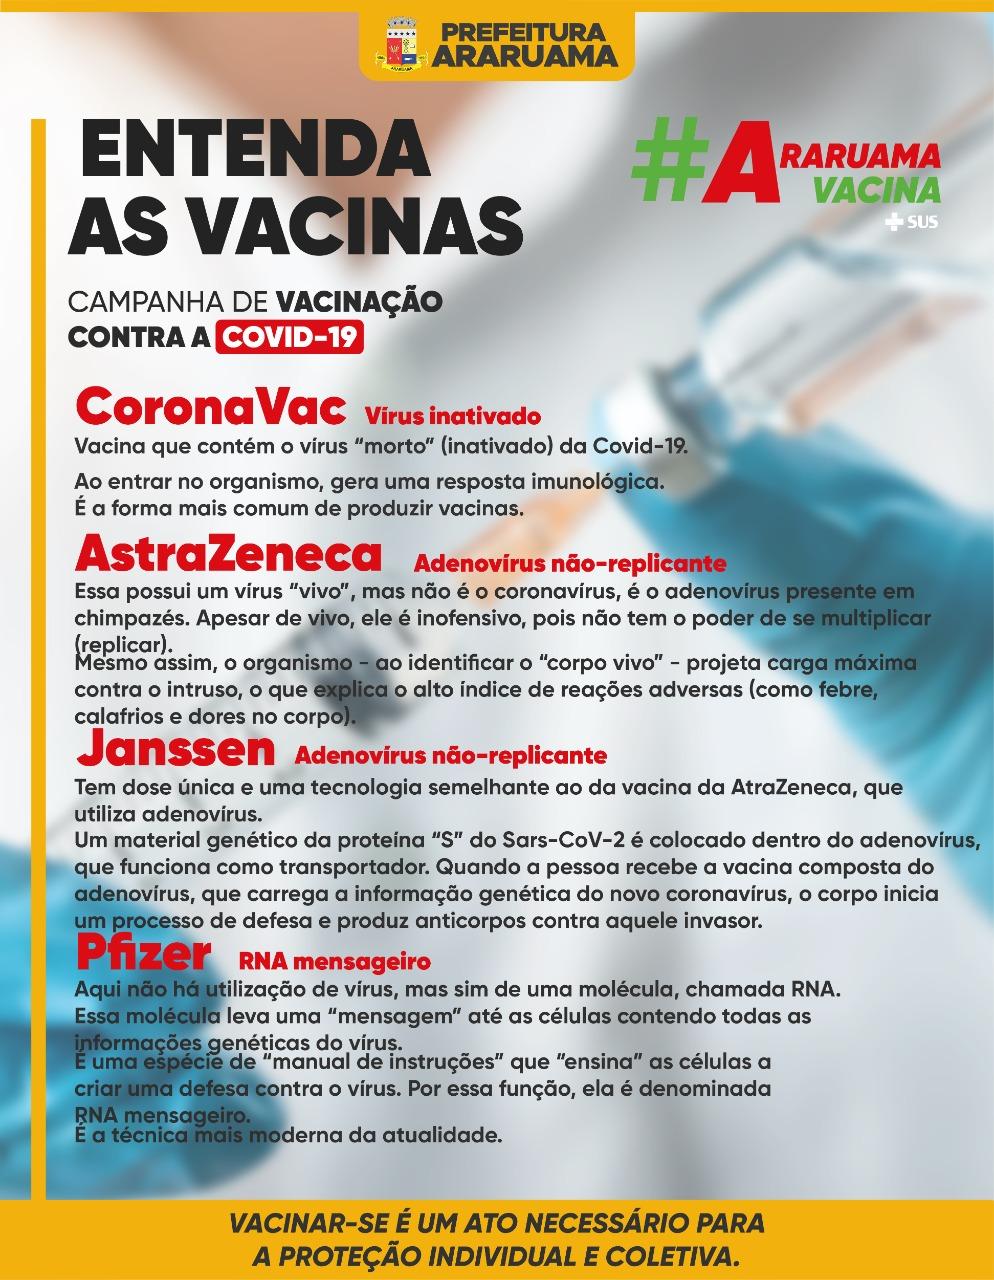 Conheça mais sobre as vacinas contra a Covid-19